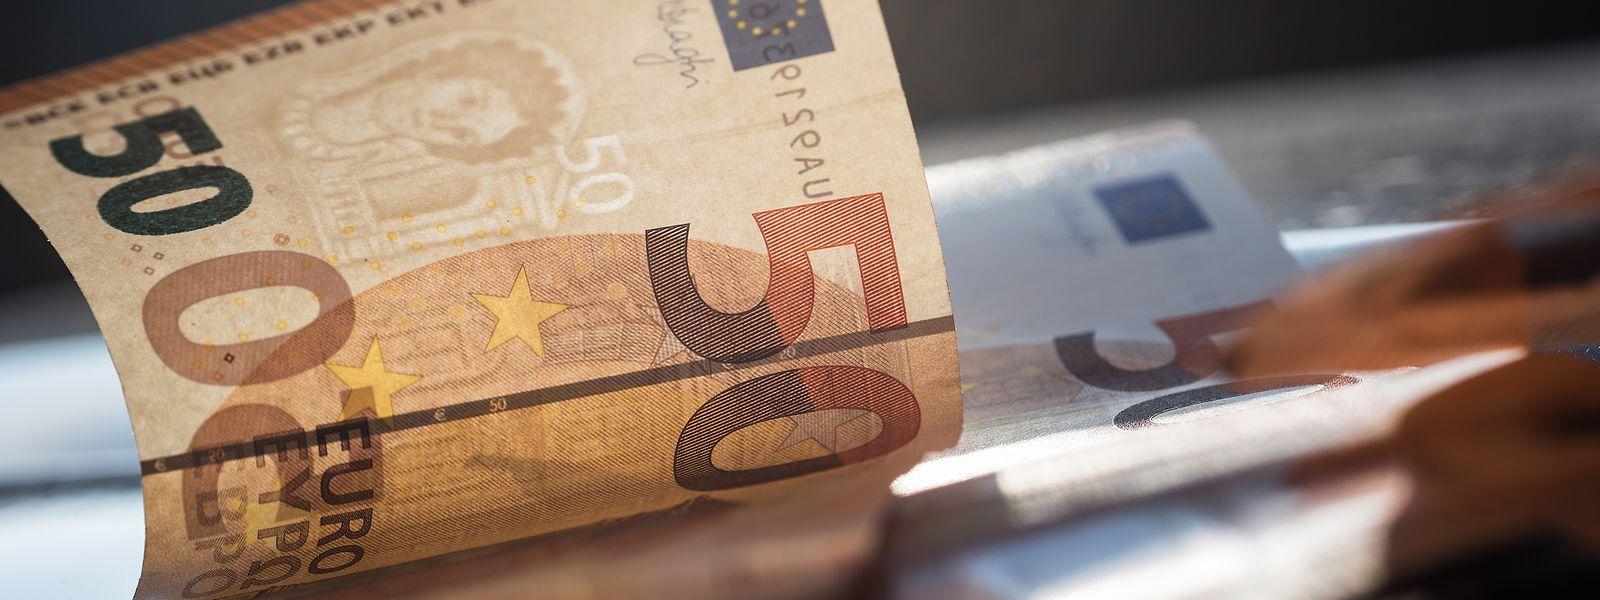 Der nationale Finanzrat hat den Staatshaushalt 2020 und die mehrjährige Finanzplanung untersucht und Empfehlungen gemacht.